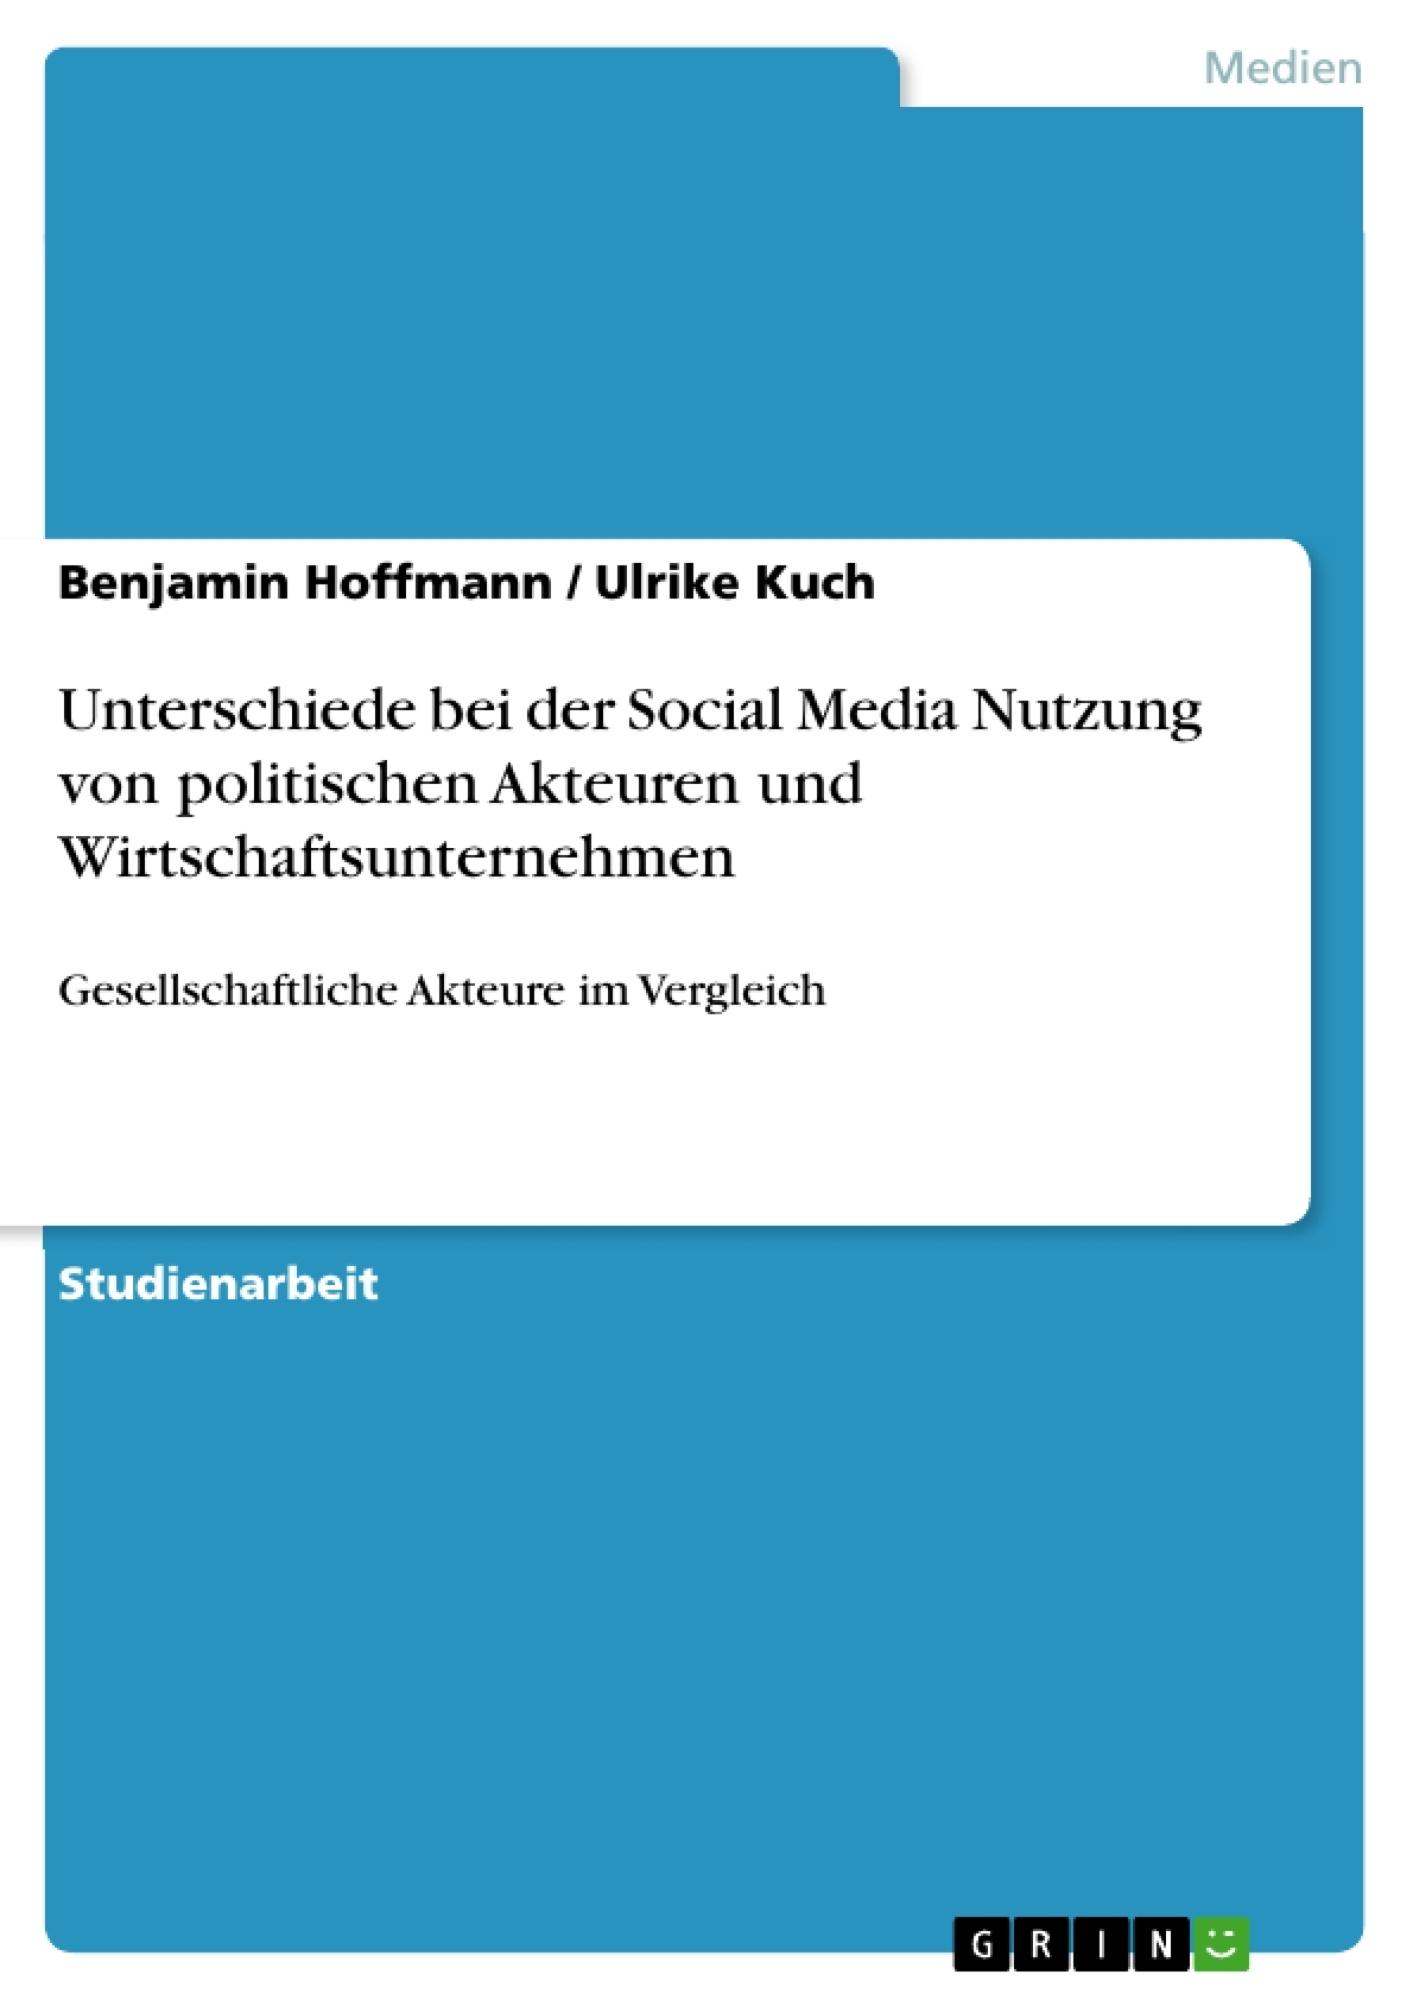 Titel: Unterschiede bei der Social Media Nutzung von politischen Akteuren und Wirtschaftsunternehmen